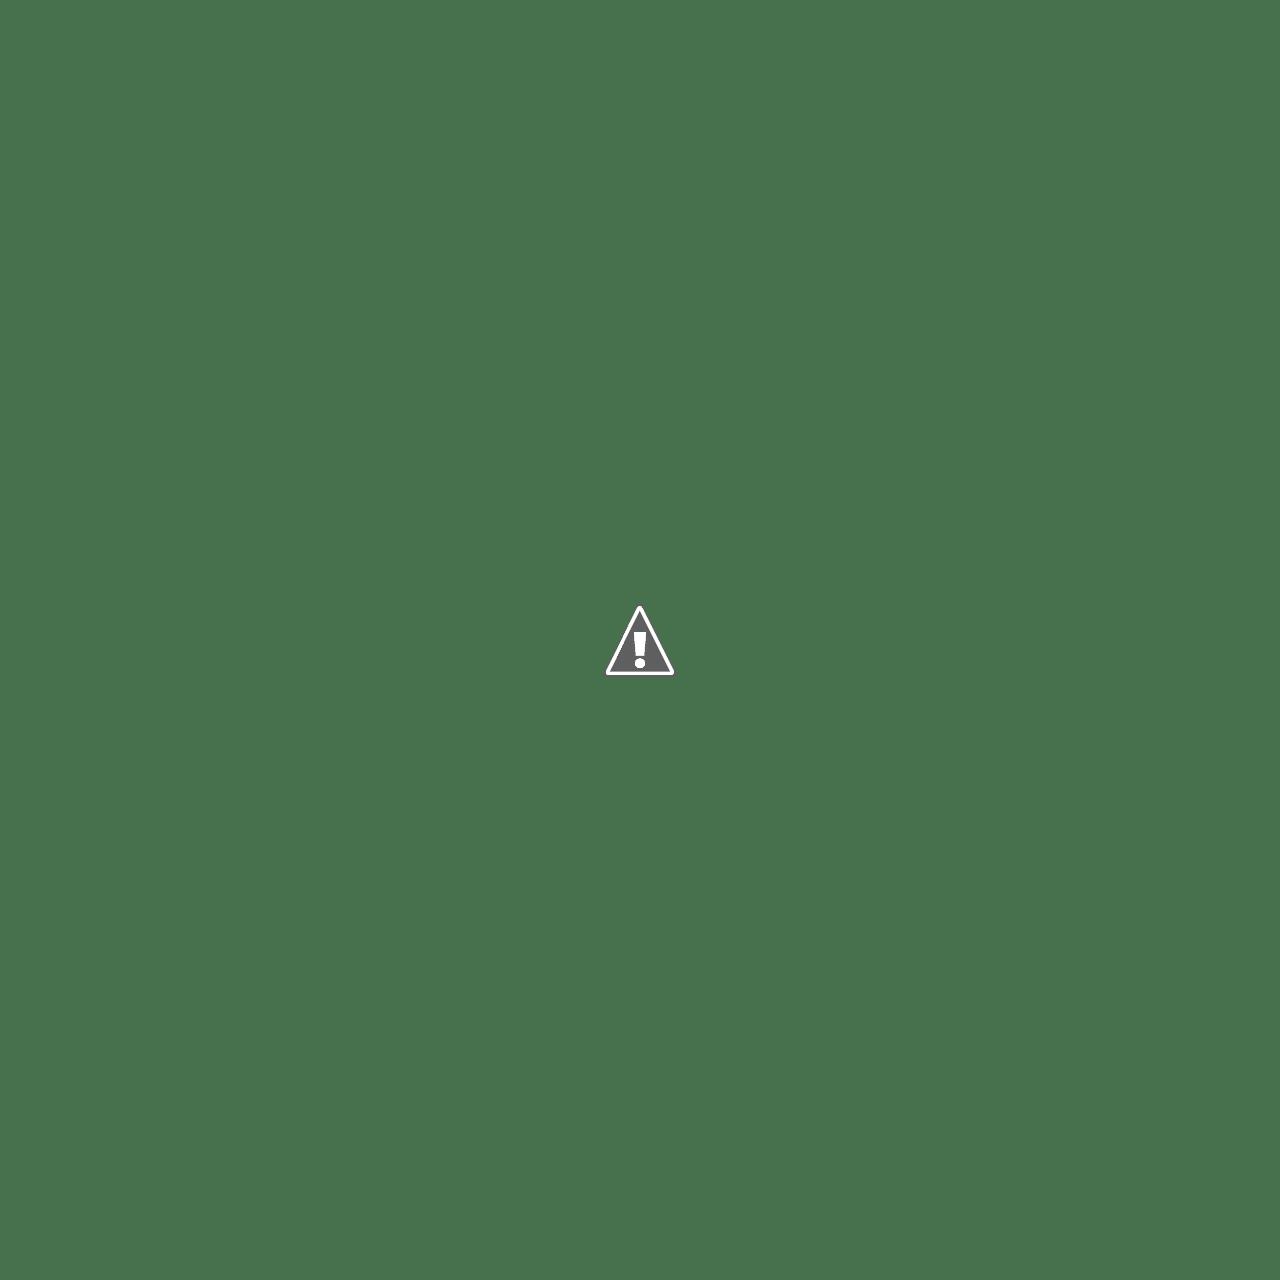 Materassi Ancona.Artigiana Materassi Negozio Di Materassi Ad Ancona